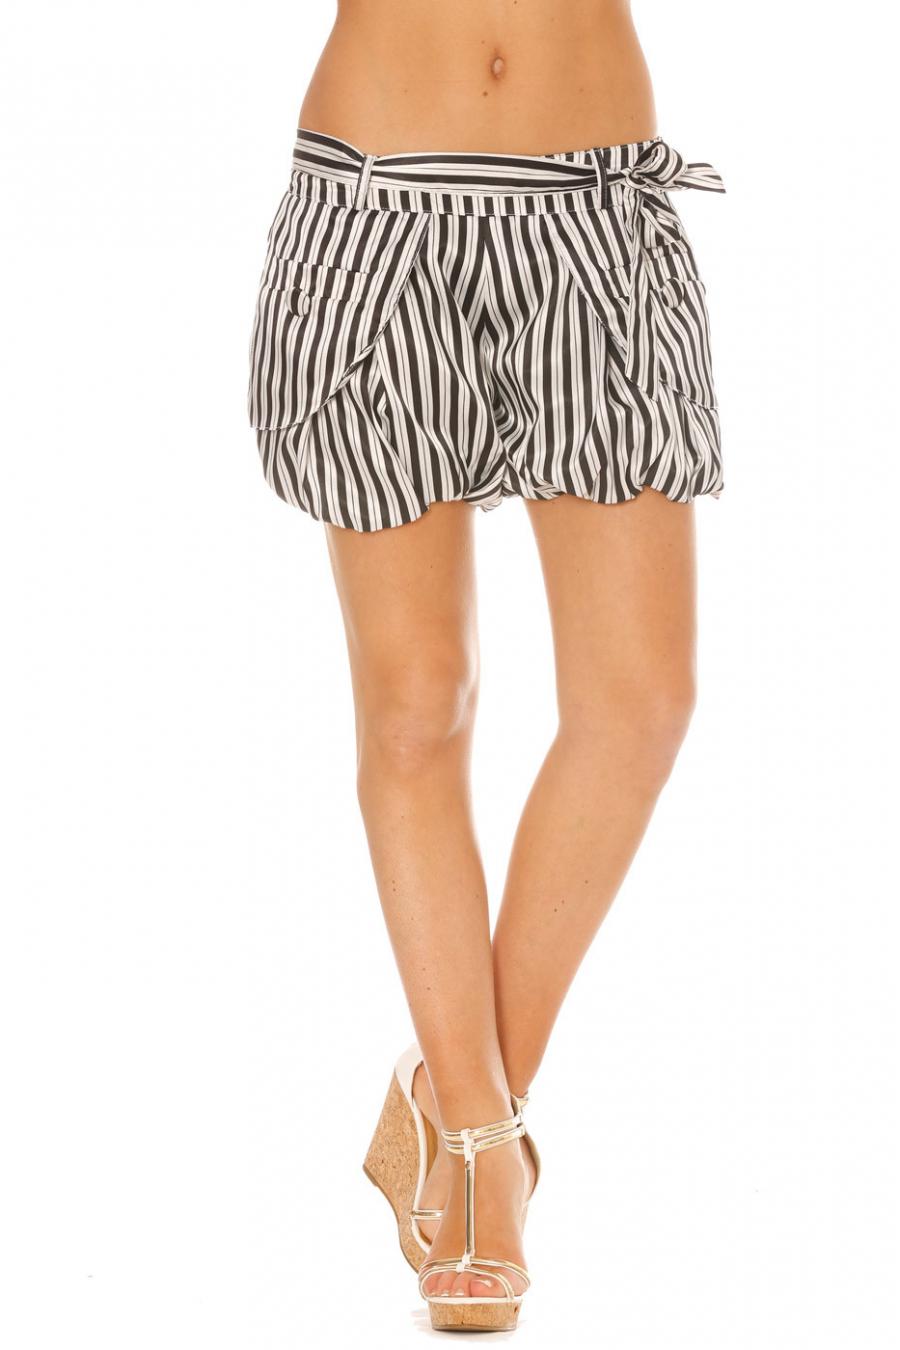 Zwart-witte short met gezwollen strepen in satijnstof. SM713